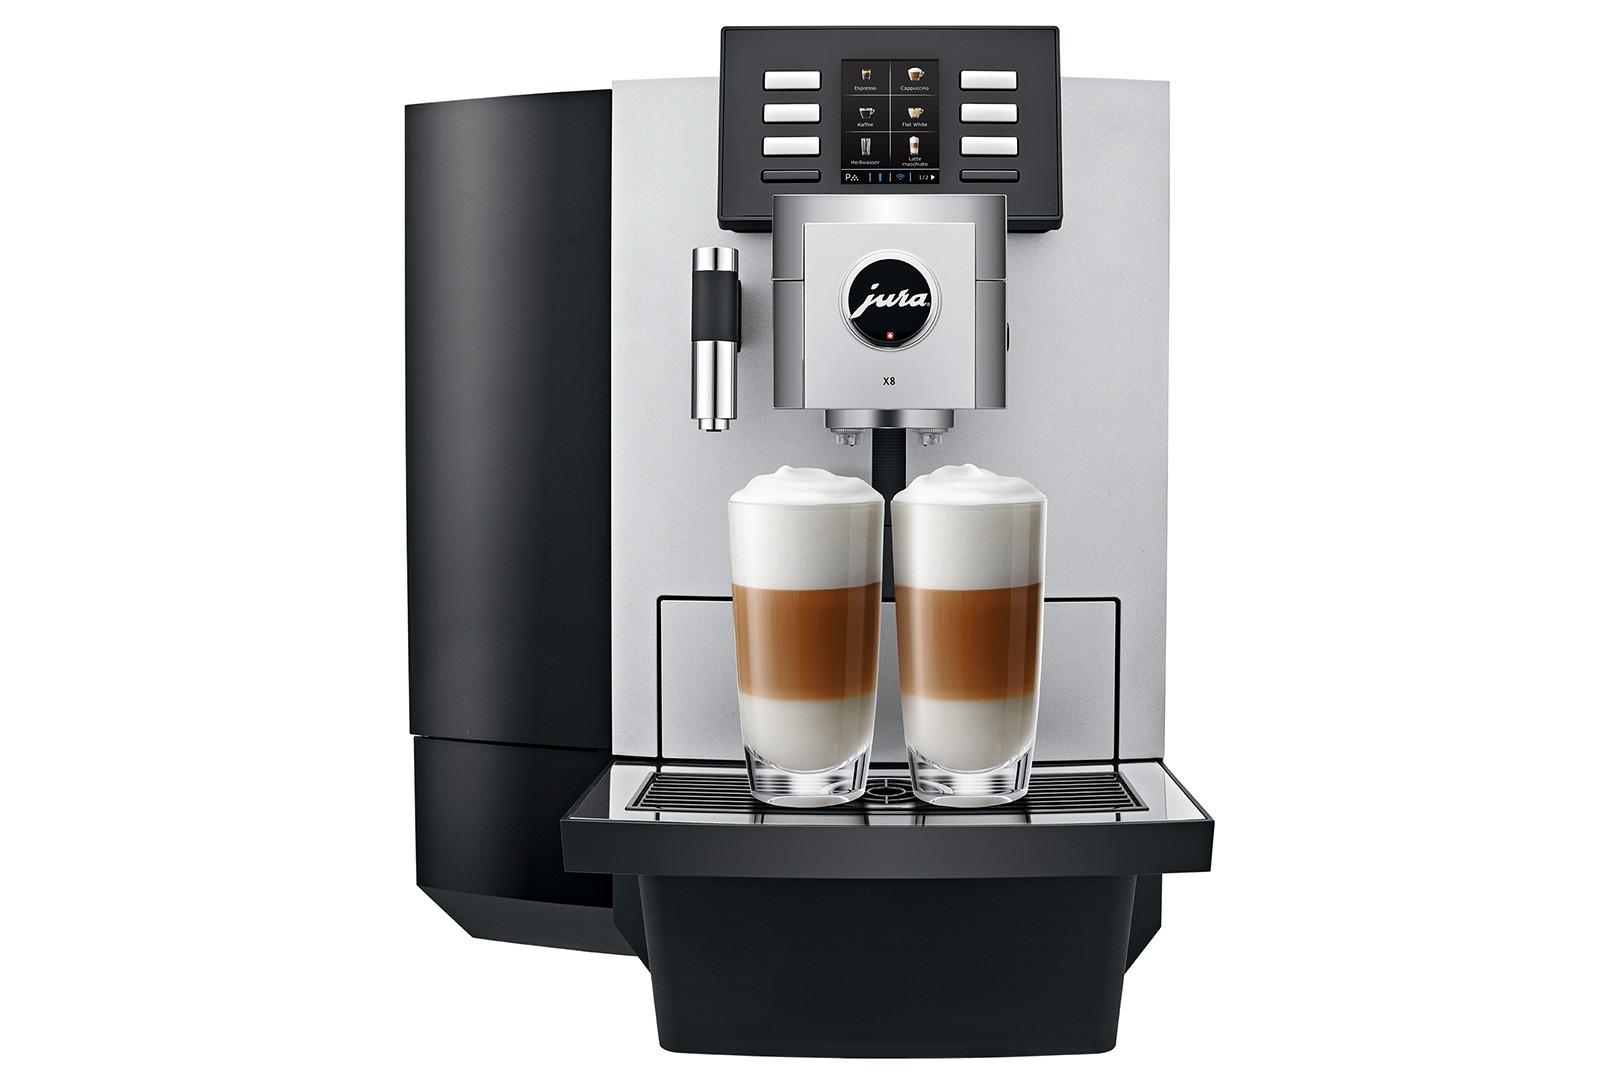 De Jura X8 maakt volautomatisch een latte macchiato